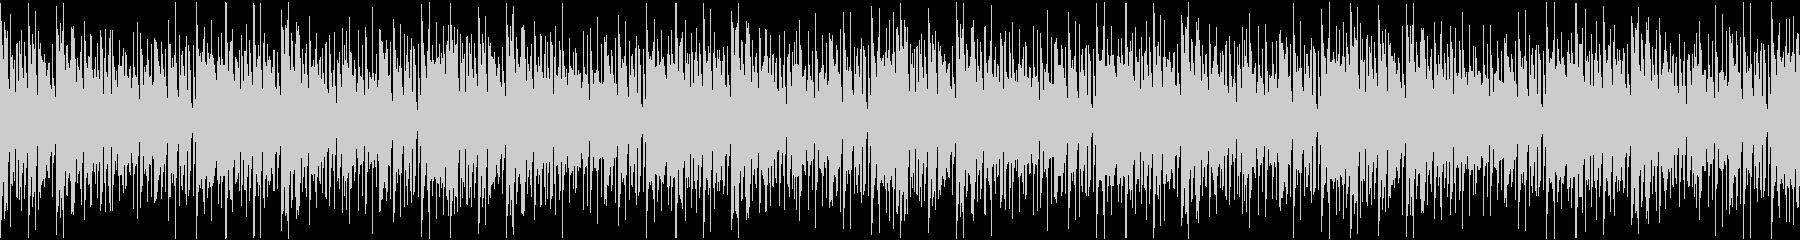 アップテンポな優しいボサノバ(ループ)aの未再生の波形